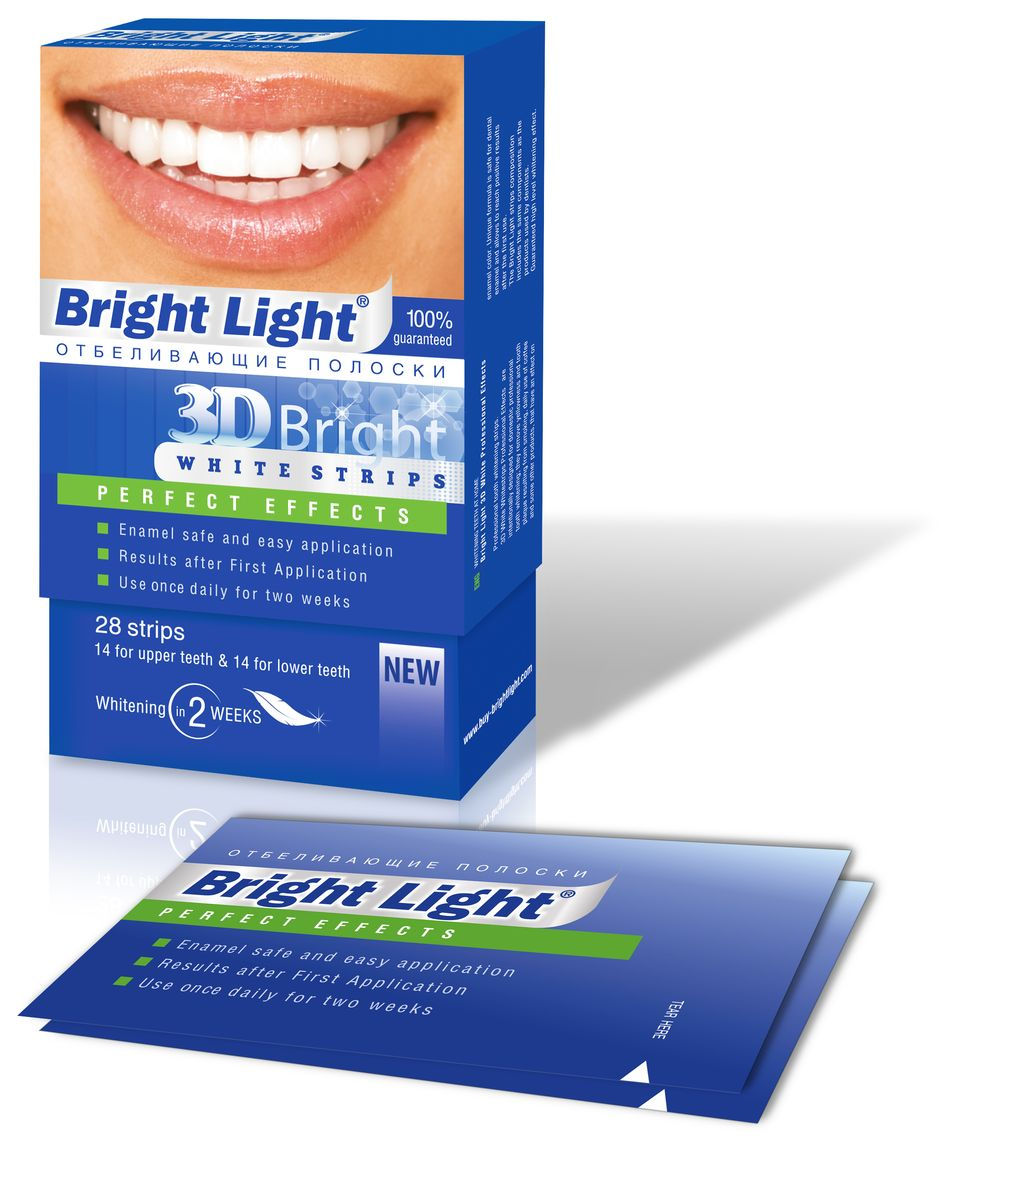 Отбеливающие полоски для зубов Bright Light 3D Bright Perfect Effects, для чувствительных зубовHX9352/04Отбеливающие полоски Bright Light 3D Bright PERFECT EFFECTS -для отбеливания зубов с повышенной чувствительностью в домашних условиях, удаляют желтизну и зубной налет, образующийся от курения, частого употребления кофе и других продуктов, влияющих на цвет эмали. Эффект высокого уровня отбеливания гарантирован!Bright Light идеально точно повторяют уникальную форму ваших зубов, обеспечивая надёжный контакт отбеливающего состава с их поверхностью.Отбеливающие полоки Bright Light эффективно работают над белоснежностью вашей улыбки. Гель воздействует на эмаль очень бережно и деликатно. Постепенно исчезают серый и желтый налет, пятна, зубы обретают здоровую белизну.